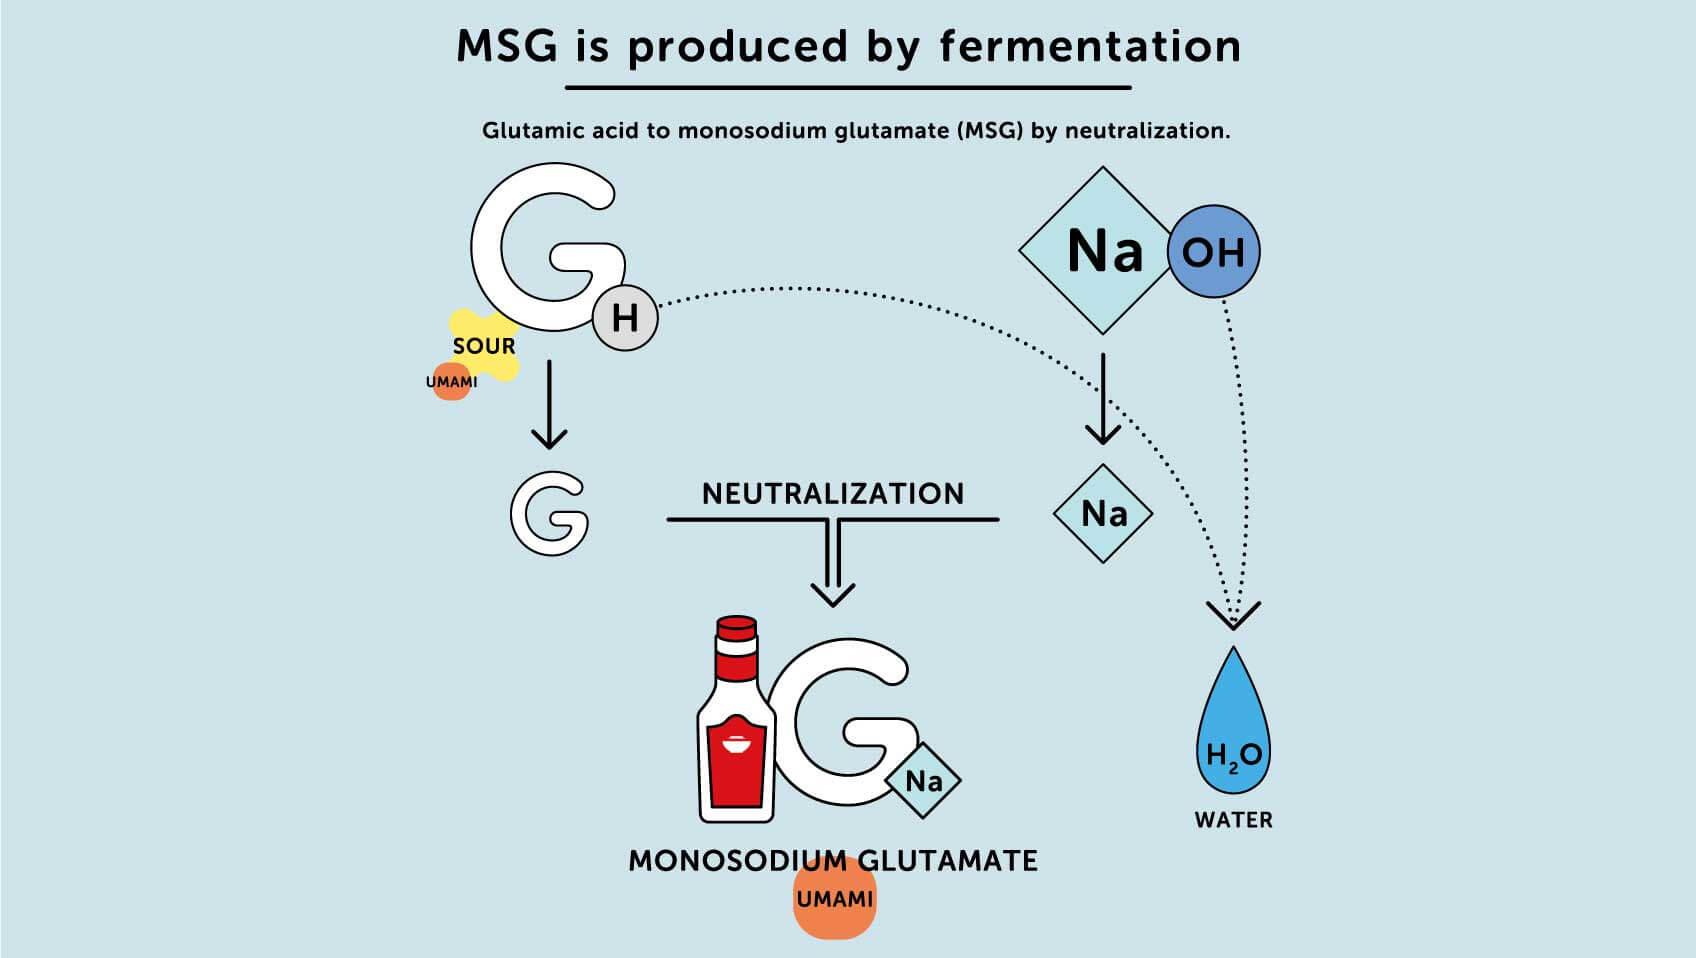 Msg é produzido por fermentação